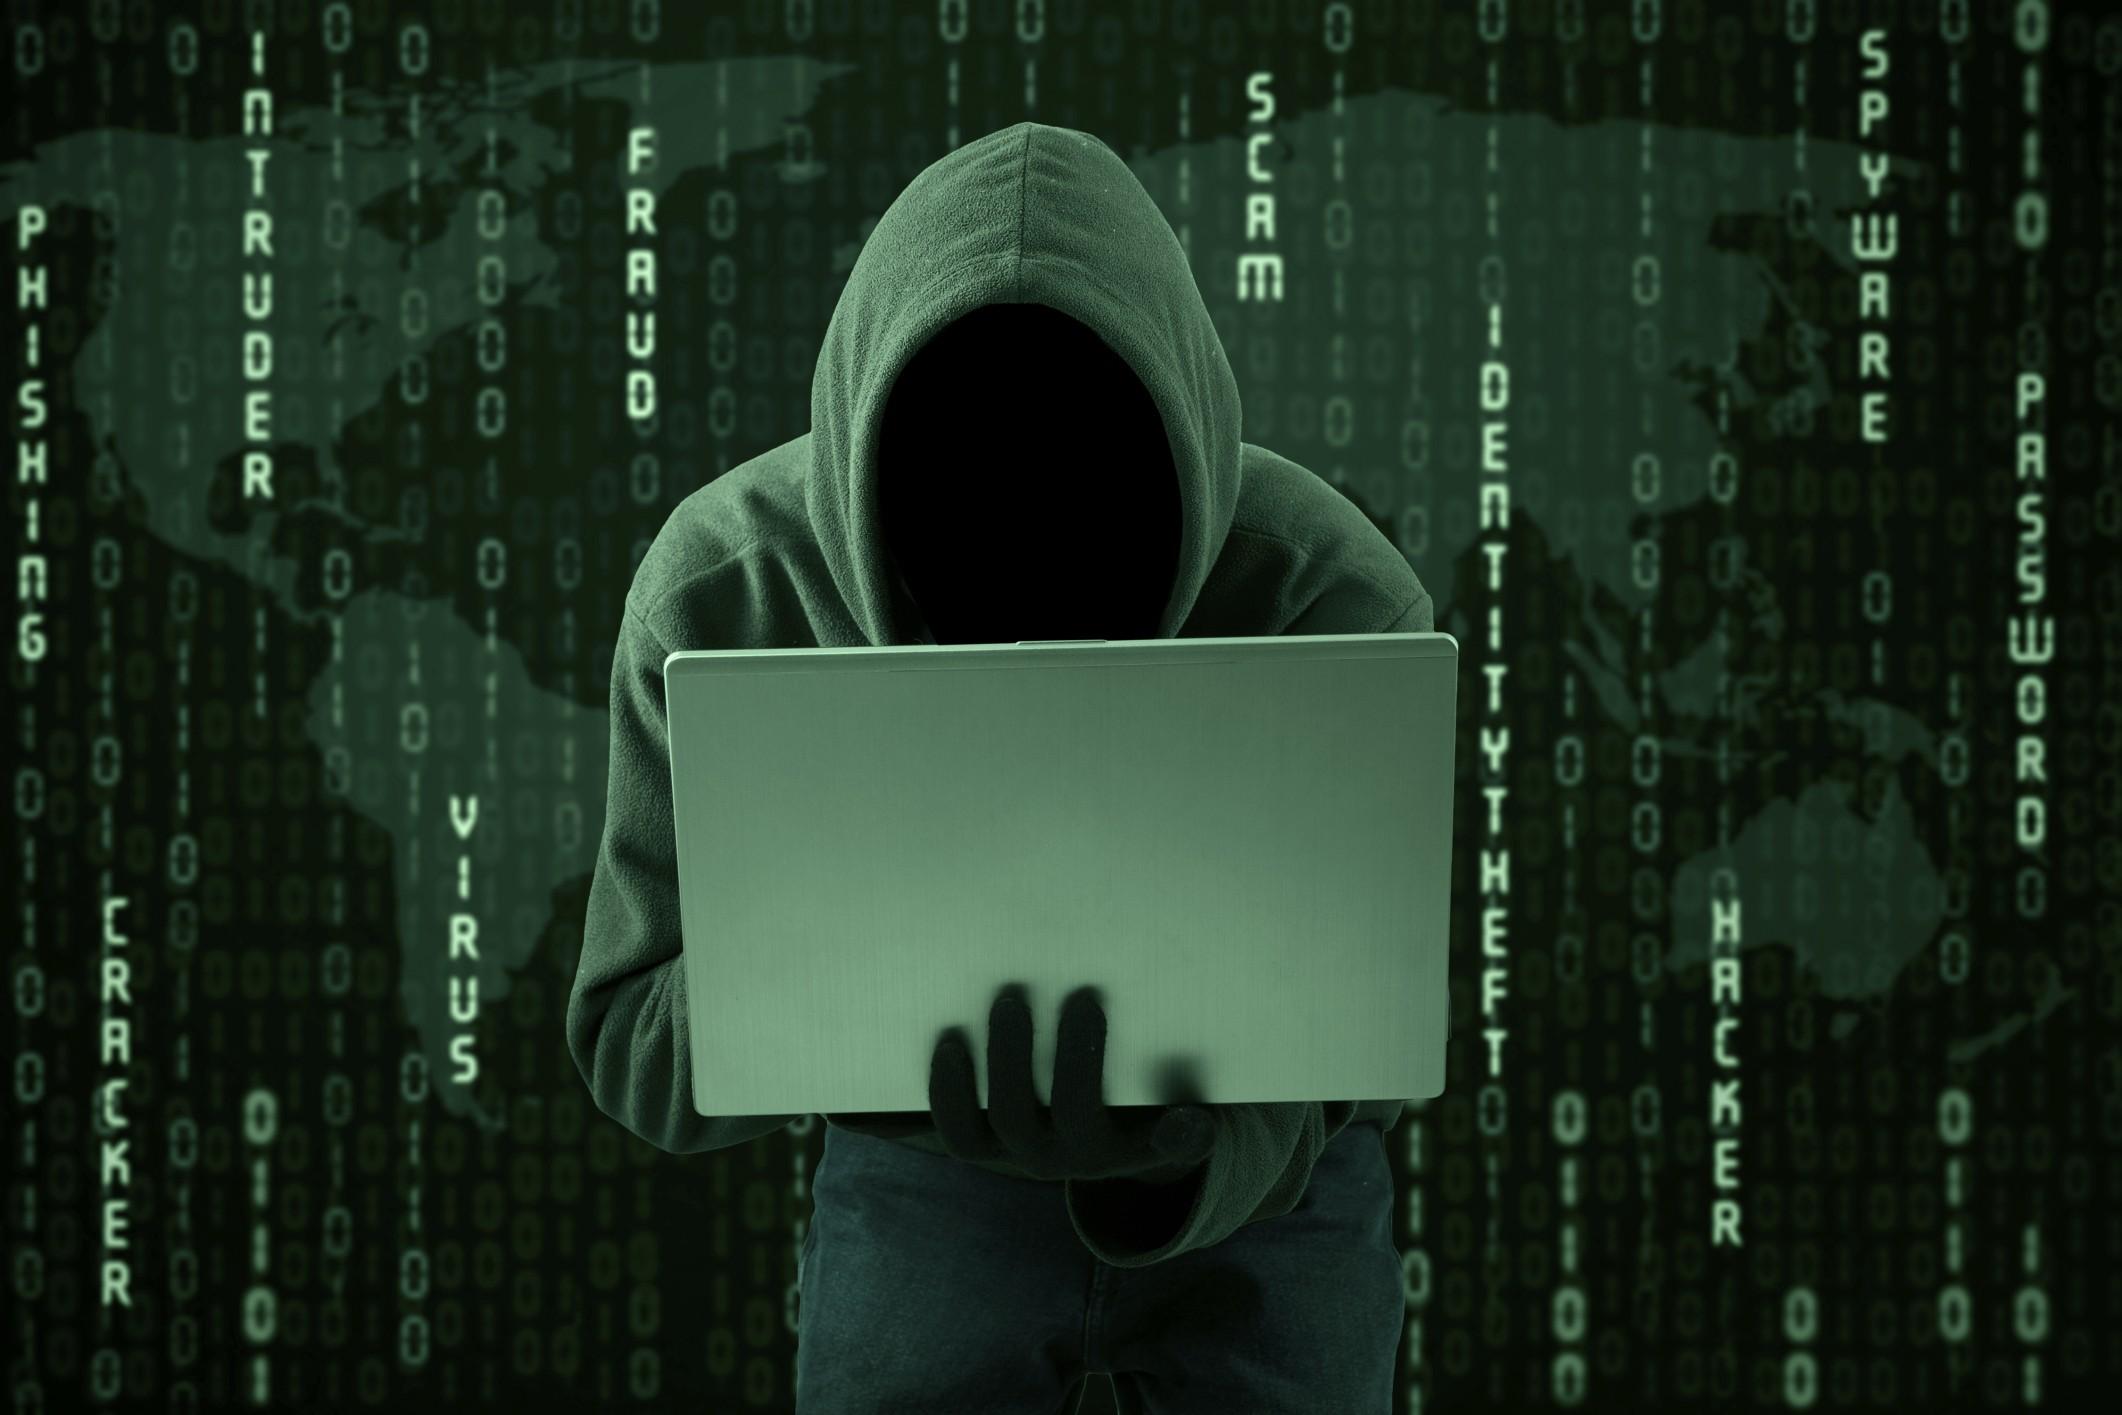 ВСША жителя России «сбольшими связями» подозревали вхакерских атаках